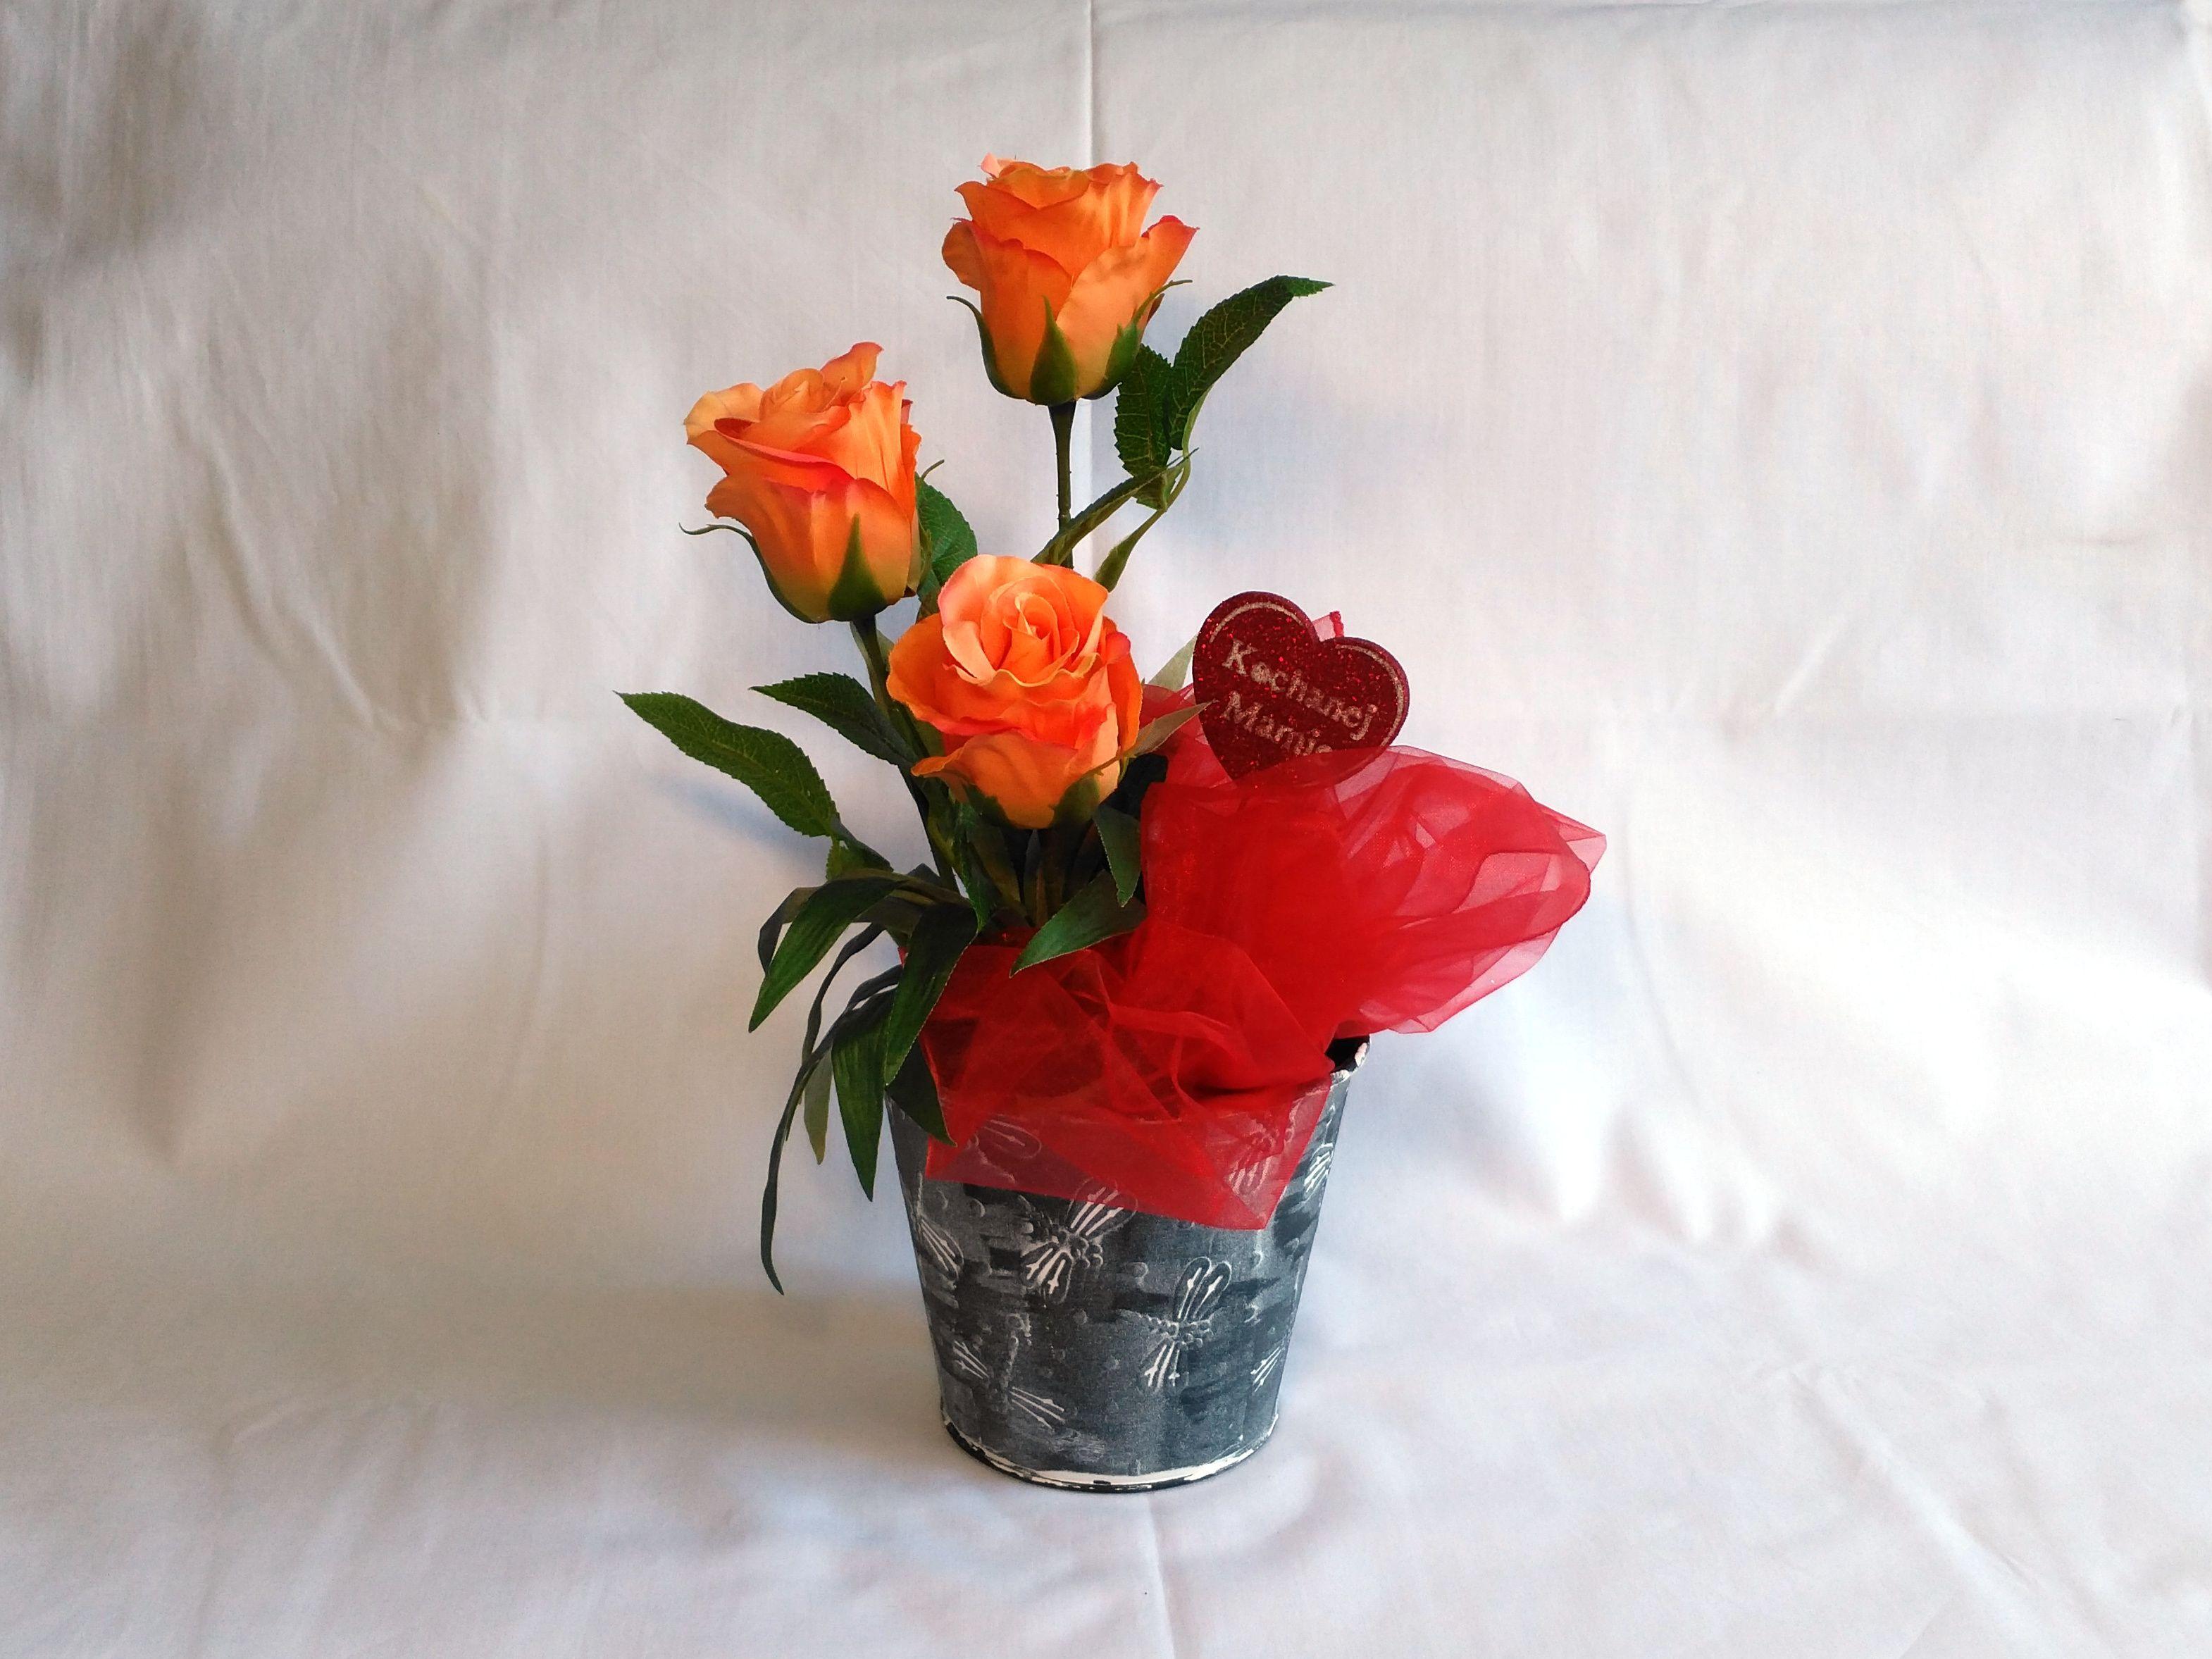 Kompozycja Ze Sztucznych Kwiatow W Szarej Doniczce Na Dzien Matki Home Decor Decor Vase